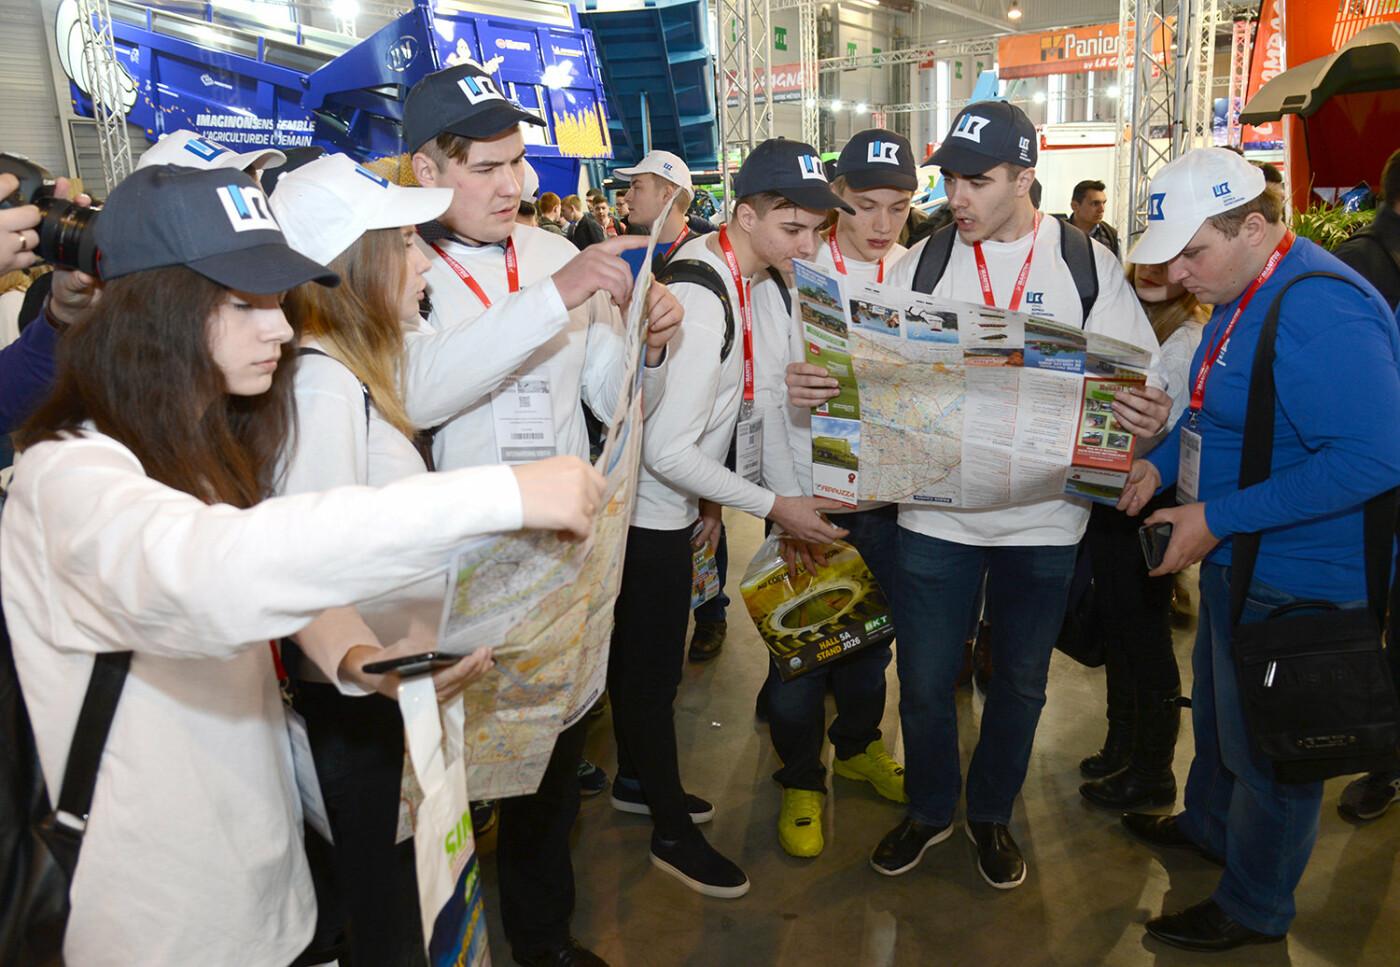 Студент з Вінниці став переможцем престижного конкурсу та відвідав Францію, фото-1